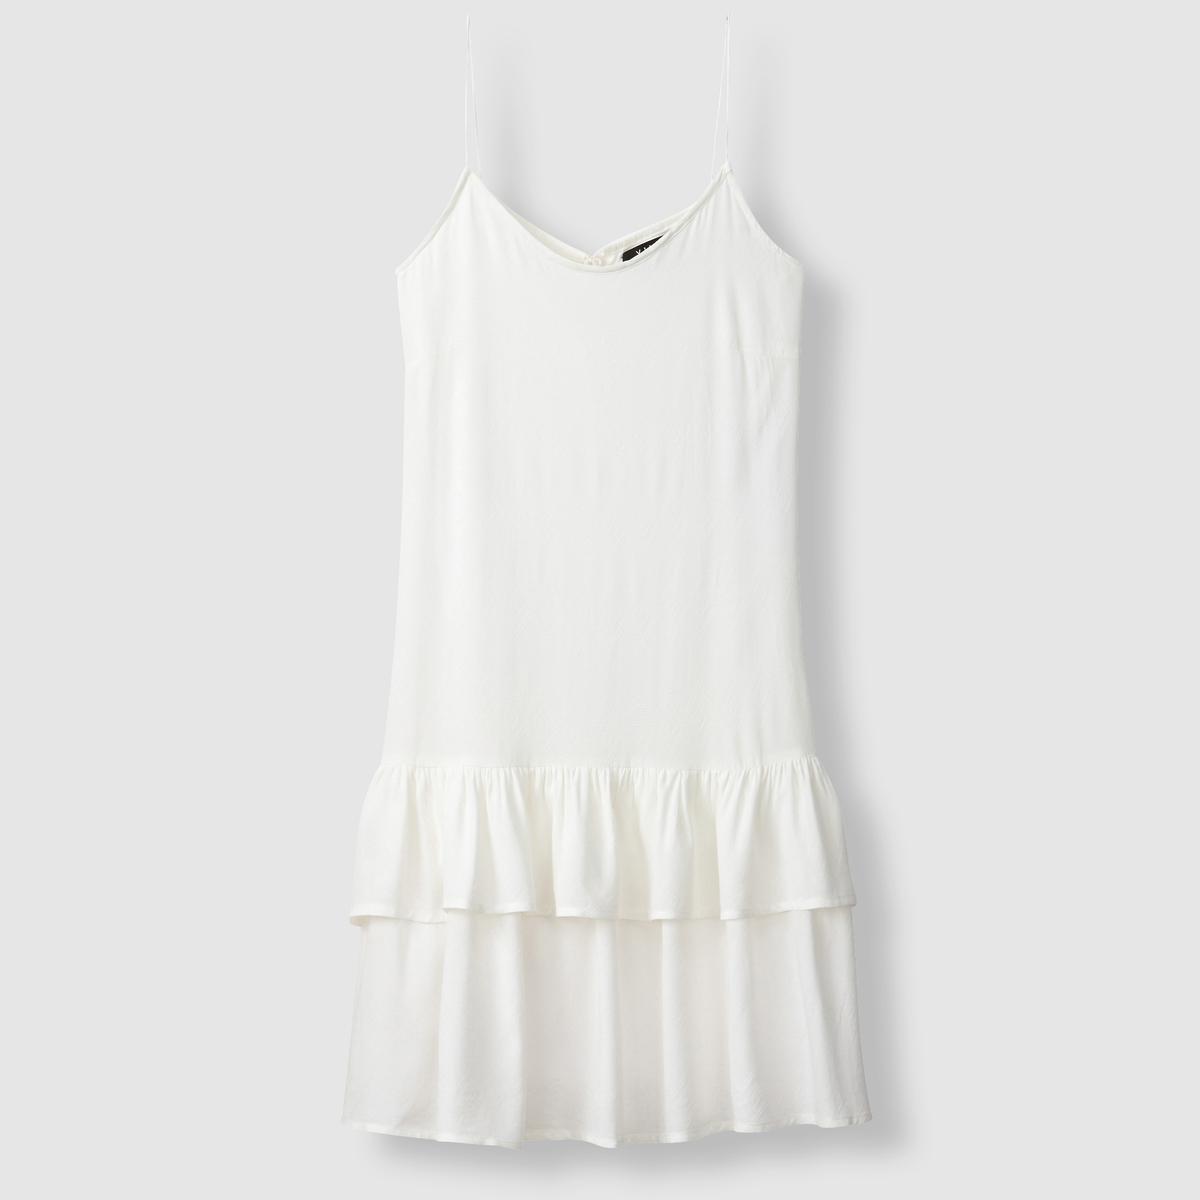 Платье на бретелях, низ с воланами VILA VISIMU STRAP DRESSПлатье VISIMU STRAP DRESS от VILA. Бретели. Низ блузки с воланами. Завязки с помпонами .Состав и описание  :   Материал : 100% вискозыМарка : VILA.<br><br>Цвет: белый<br>Размер: S